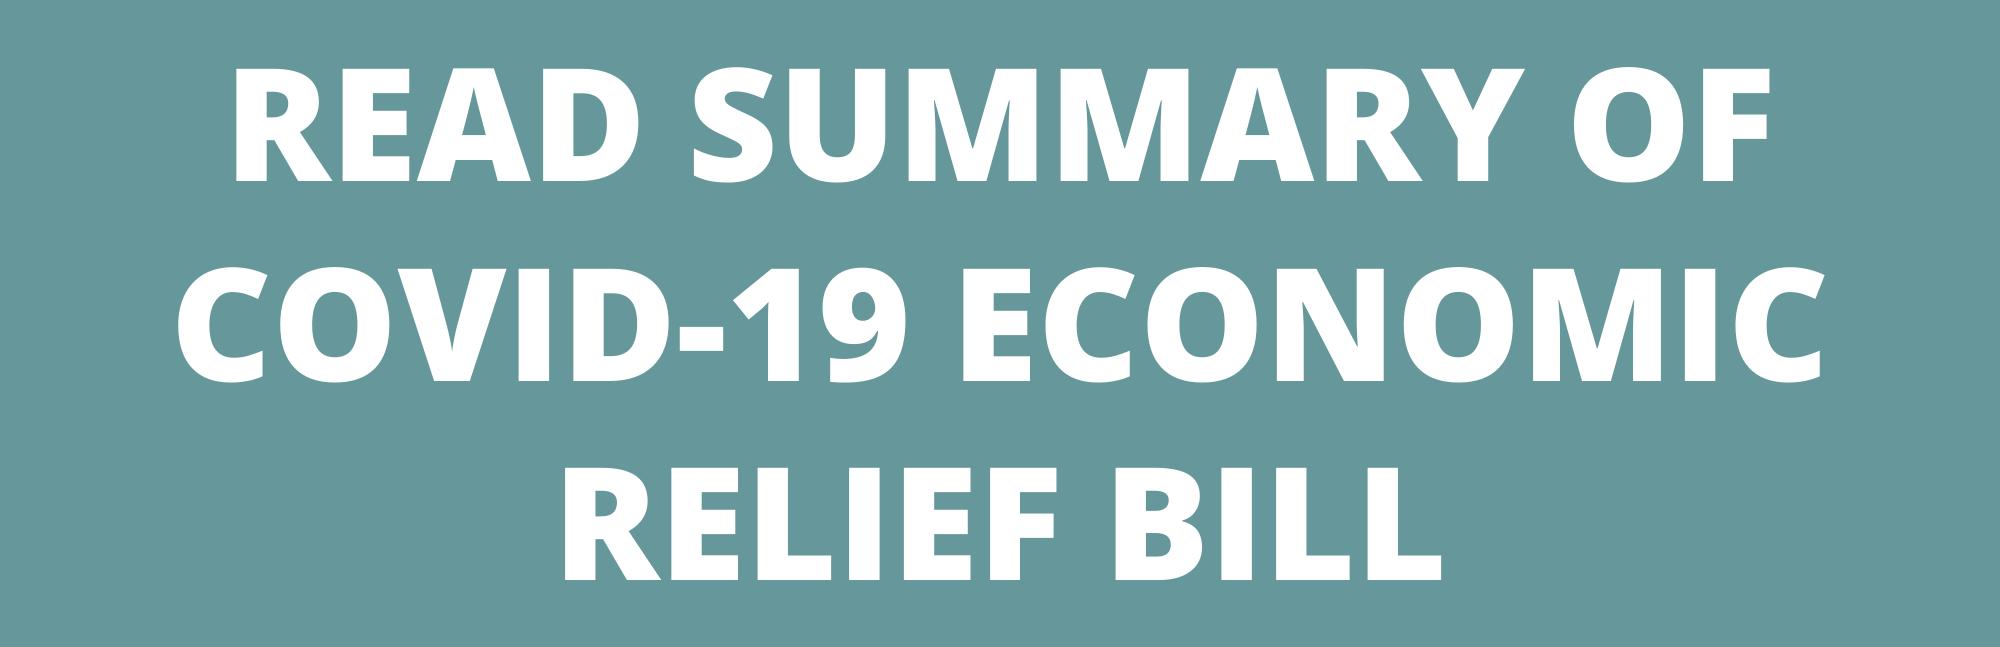 Read Summary of COVID-19 Economic Relief Bill